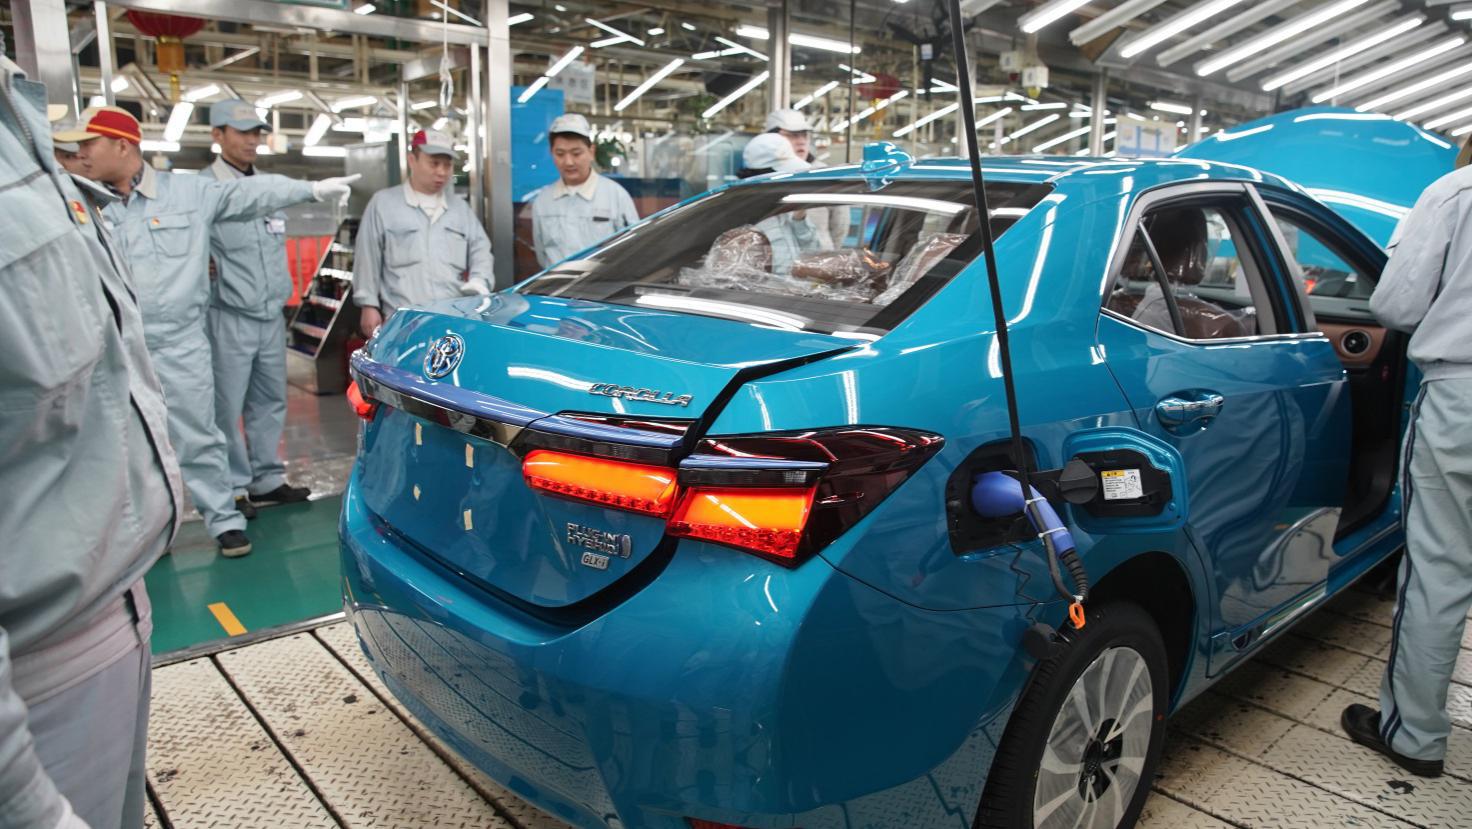 一汽丰田首款新能源车型 卡罗拉双擎E+下线投产